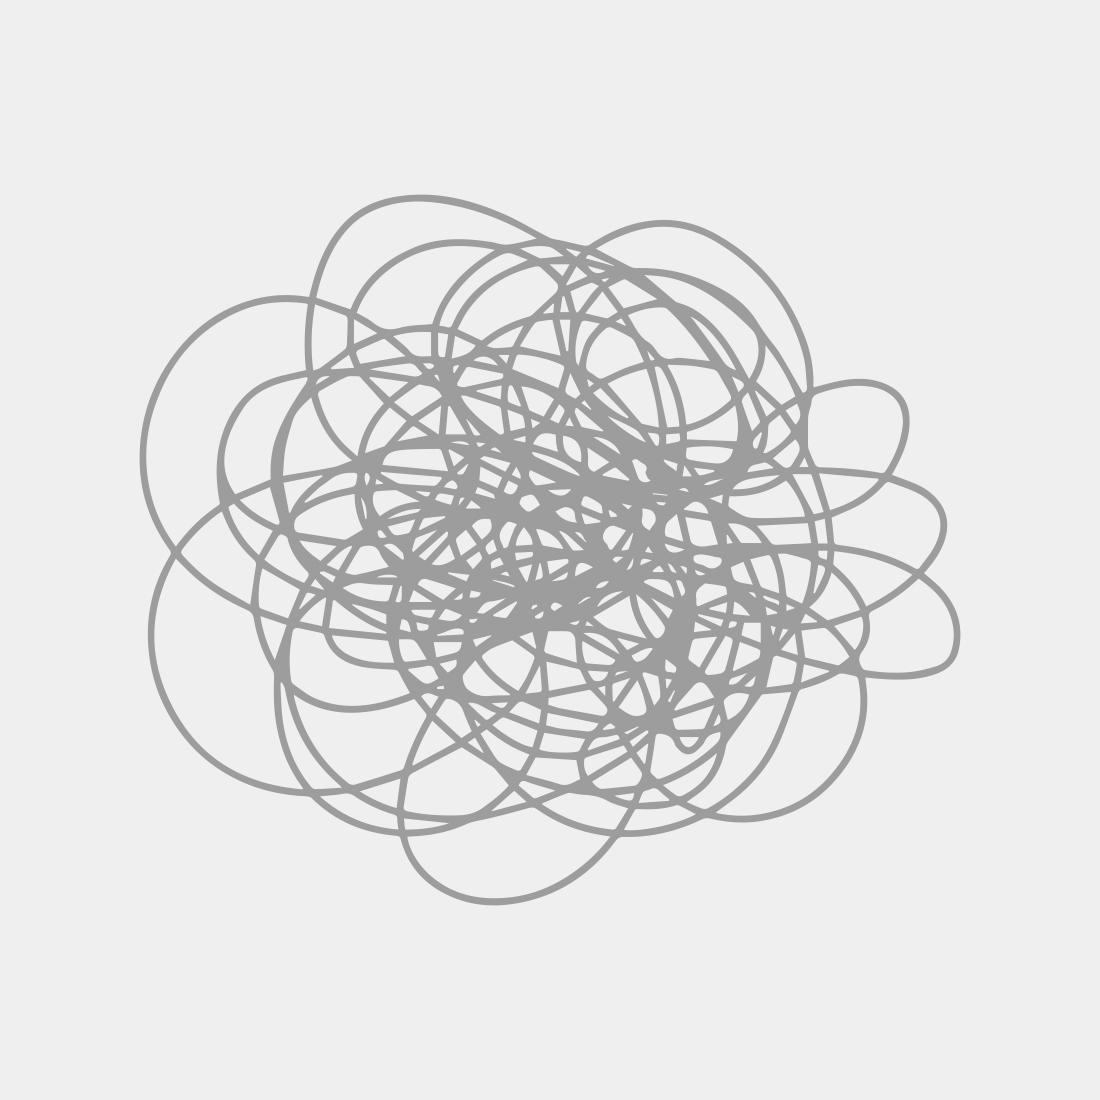 PC Picasso Self-Portrait